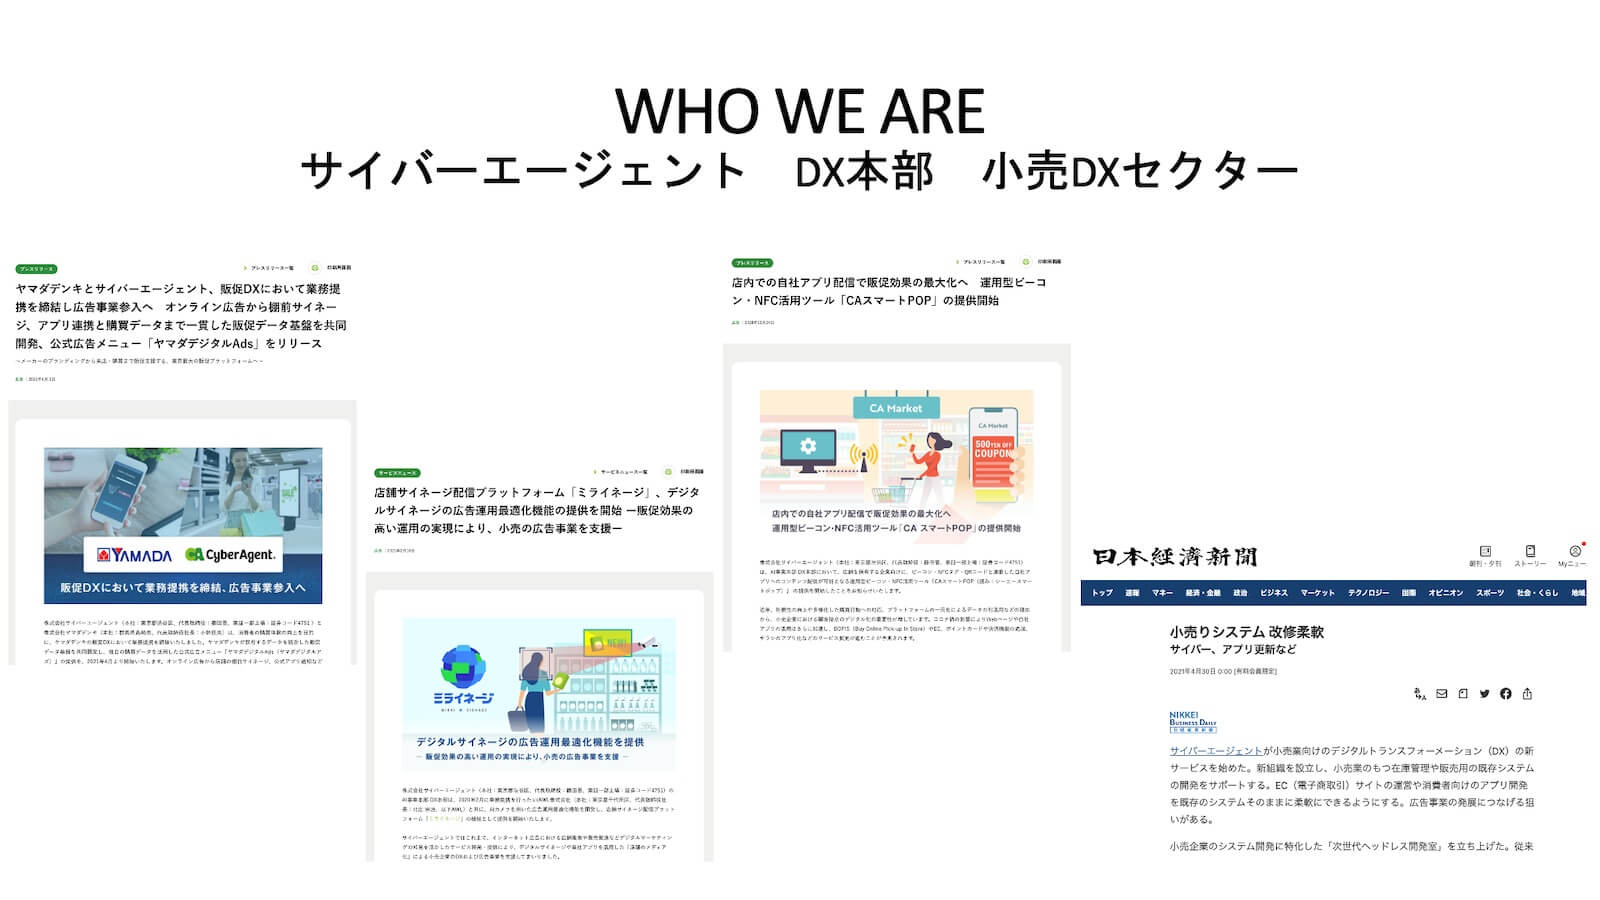 サイバーエージェントDX本部小売DXセクター